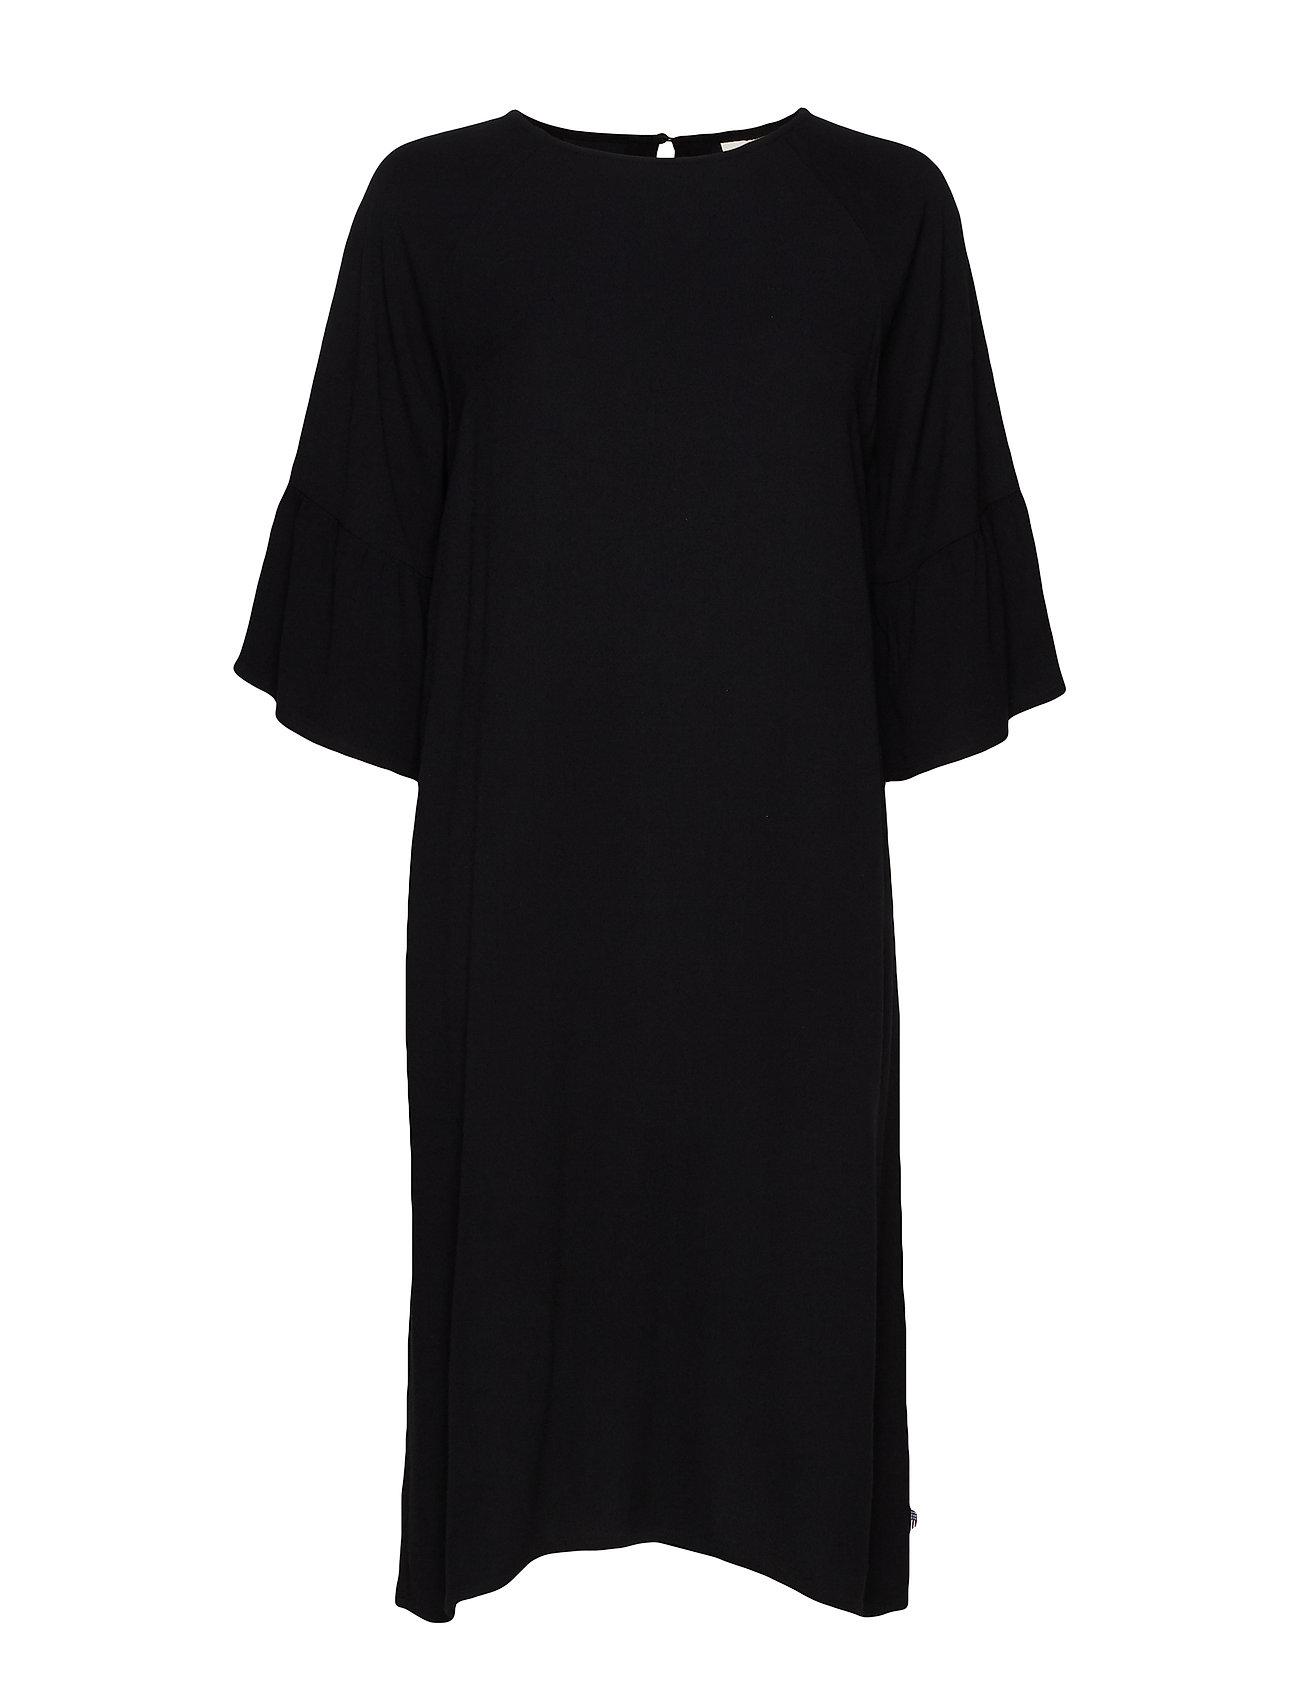 Lexington Clothing Cammy Dress - BLACK